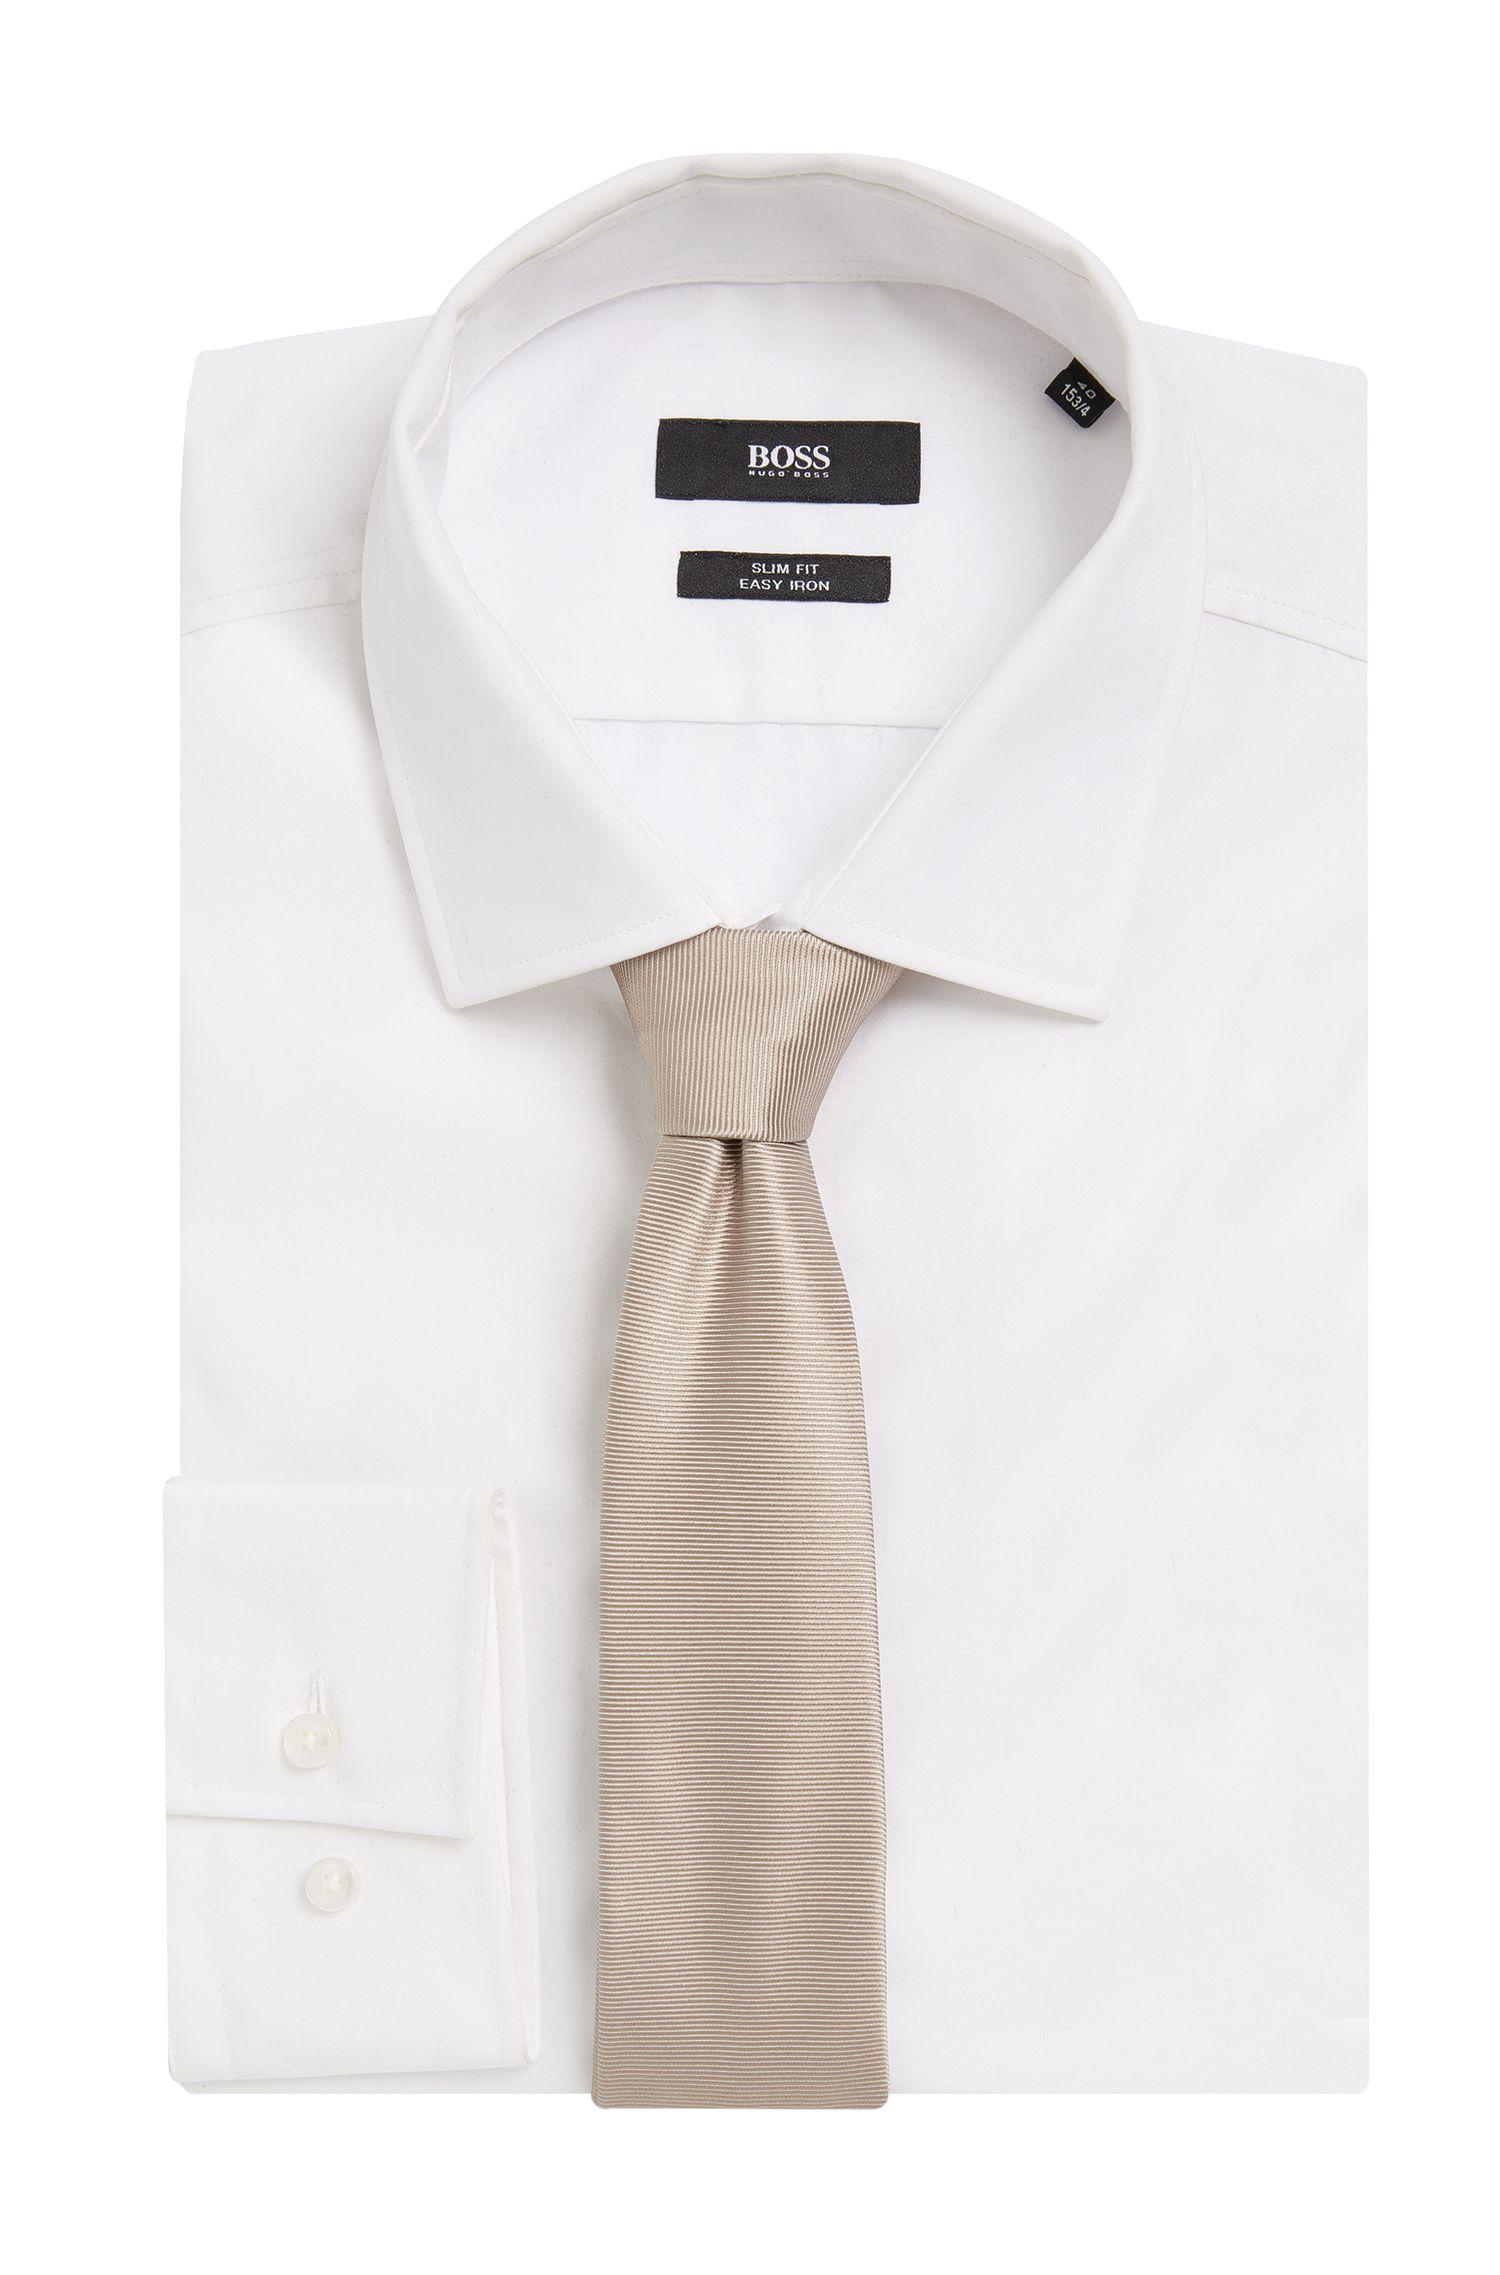 BOSS Tailored Italian Silk Slim Tie, Open Beige